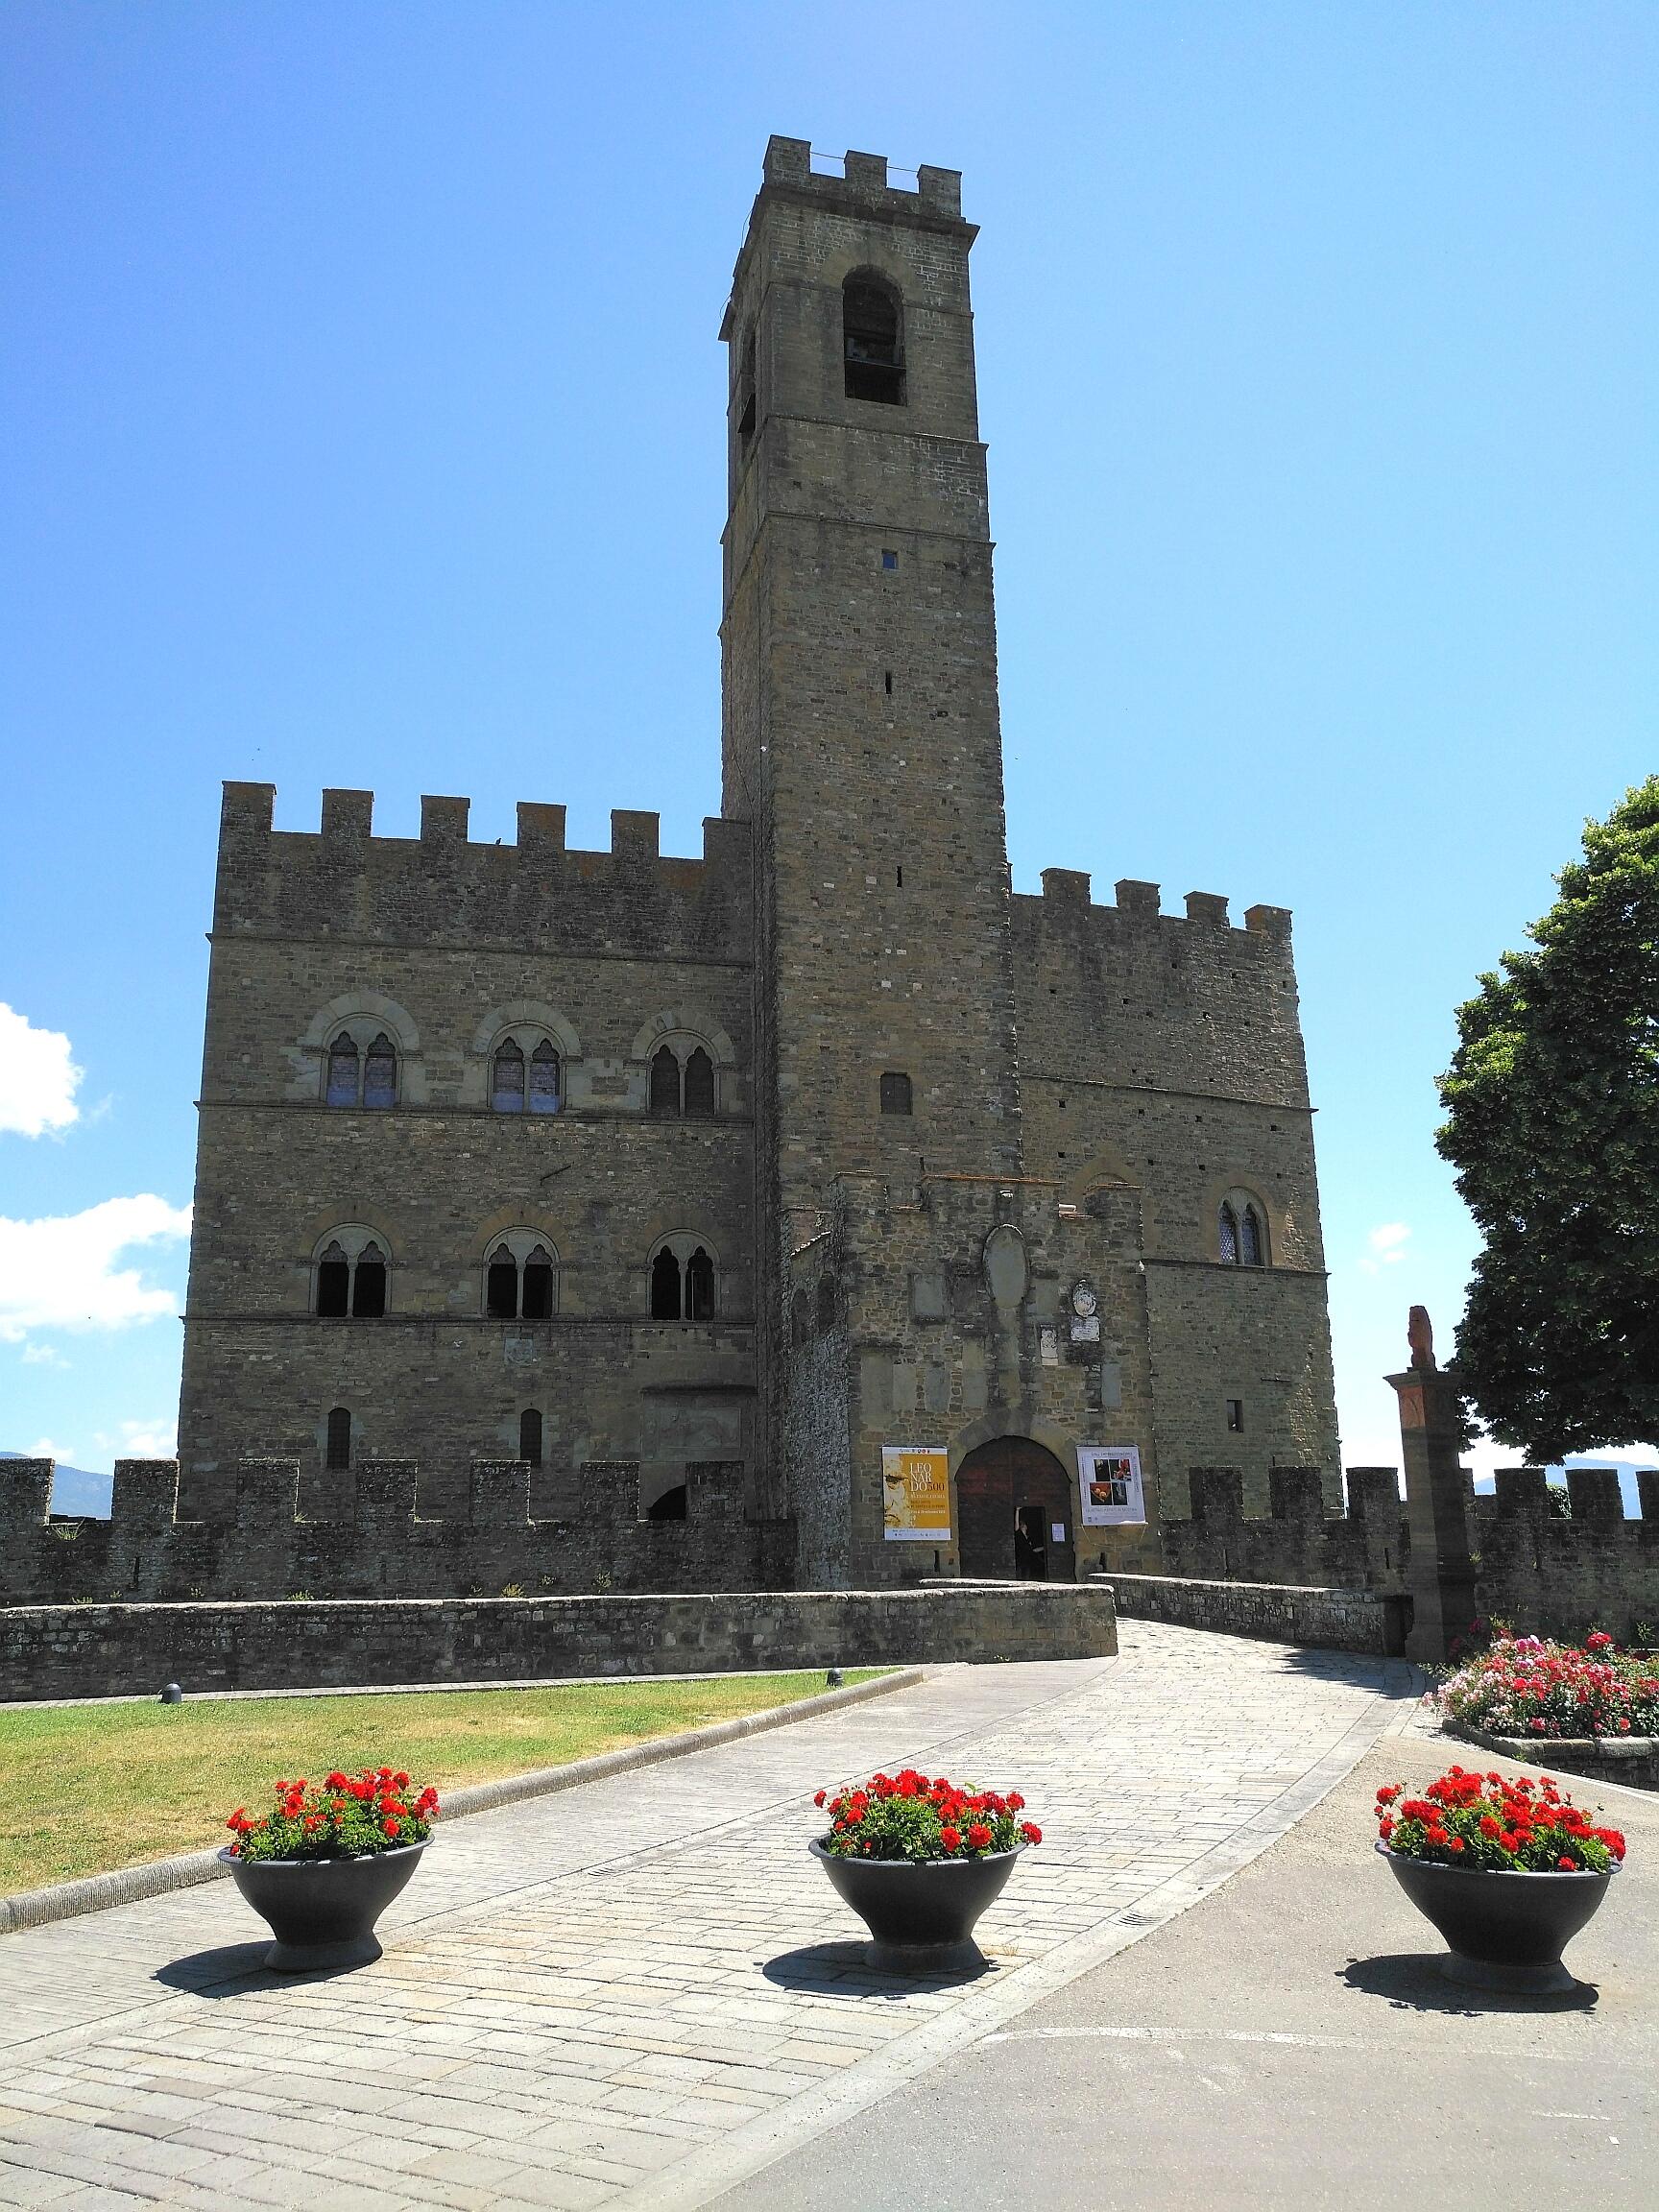 Poppi, Tappa Prato di Strada - La Verna, Via Ghibellina